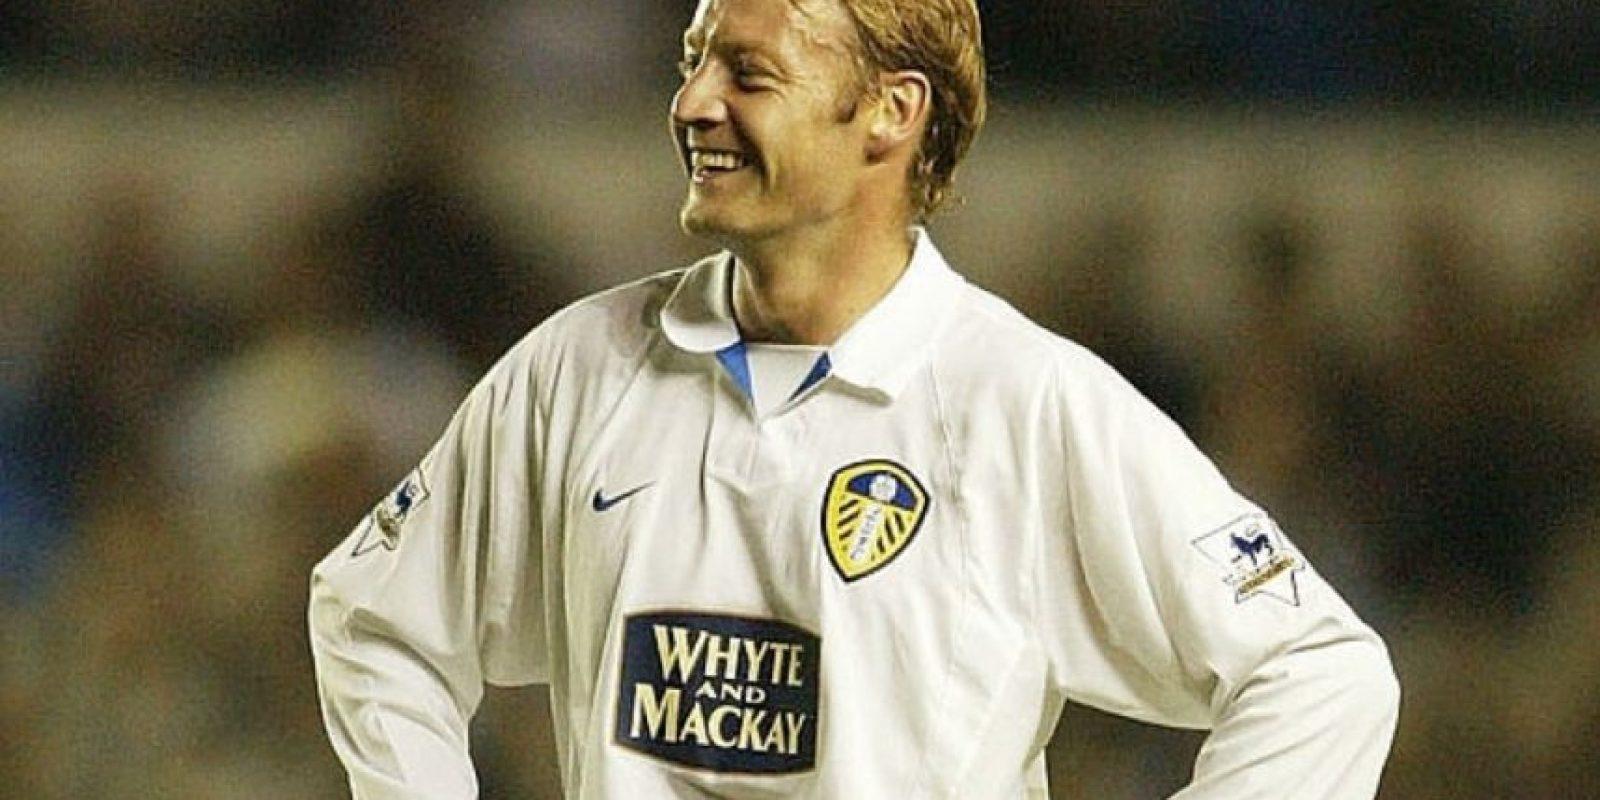 """Después de retirarse del fútbol competitivo, el jugador que dejó su sello en Leeds y jugó la selección de su país dijo: """"El deporte inglés es aburrido, yo no he ido a ver ningún partido desde que terminé de jugar. Nunca pude entender a quien paga por eso"""". Foto:Archivo Getty Images."""